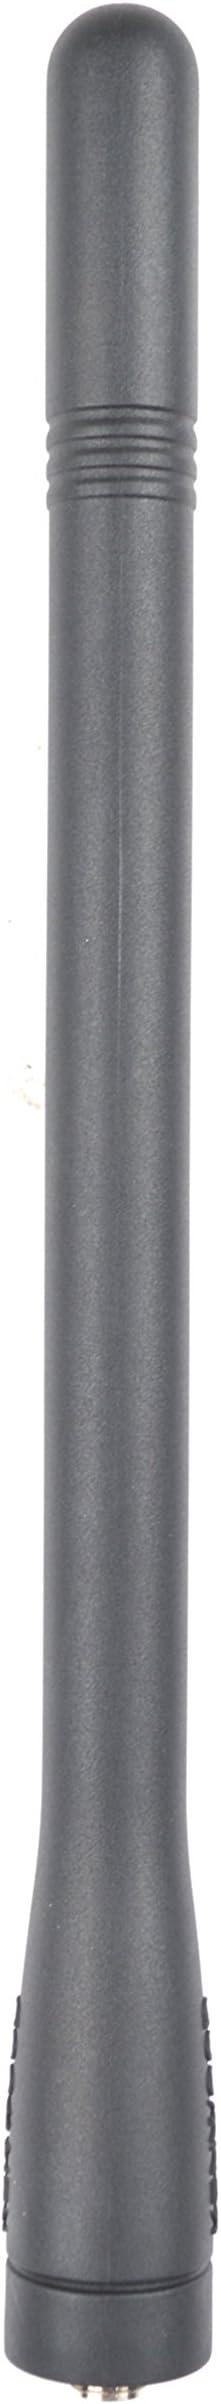 5x VHF KRA-26 Antenna for KENWOOD TK190 TK290 TK2212 TK5220 Portable Radio